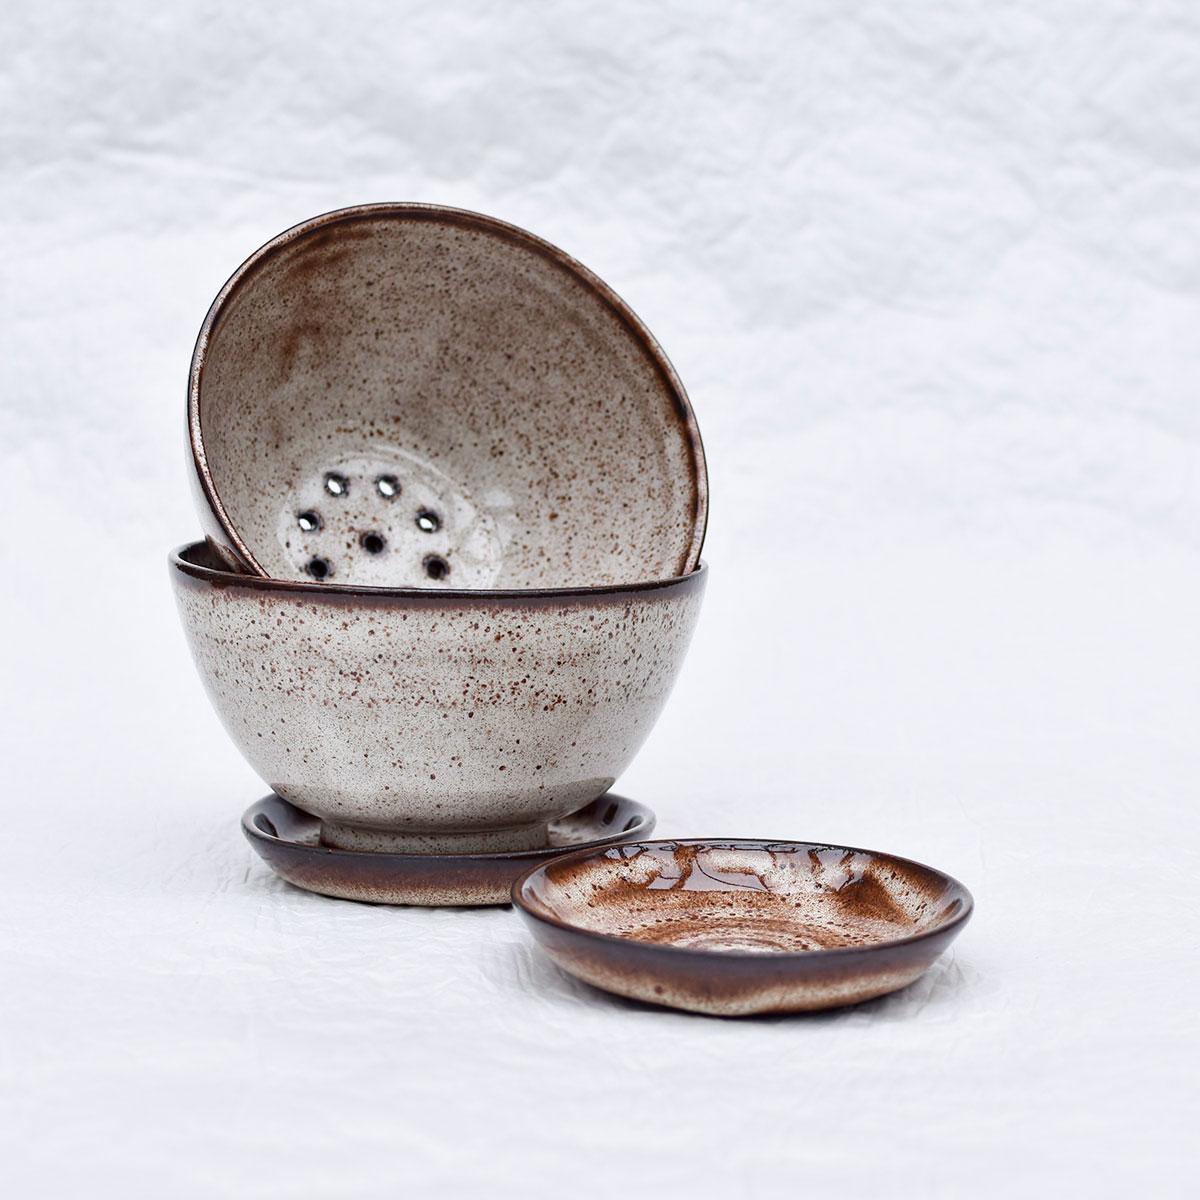 картинка Керамический дуршлаг для ягод с блюдцем - DishWishes.Ru